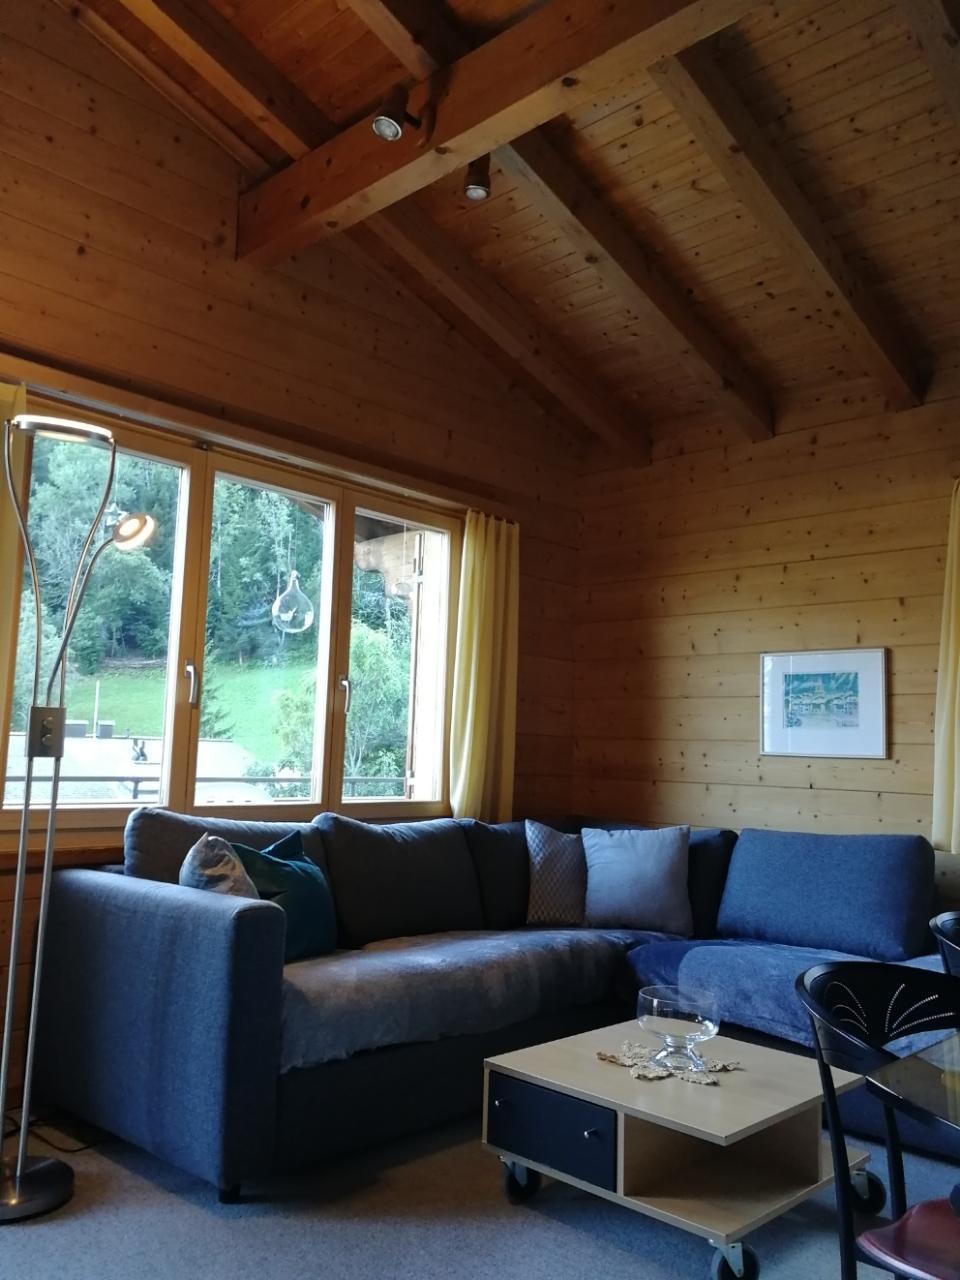 Ferienwohnung Seeblick Fraissen (1146940), Laax, Flims - Laax - Falera, Graubünden, Schweiz, Bild 5